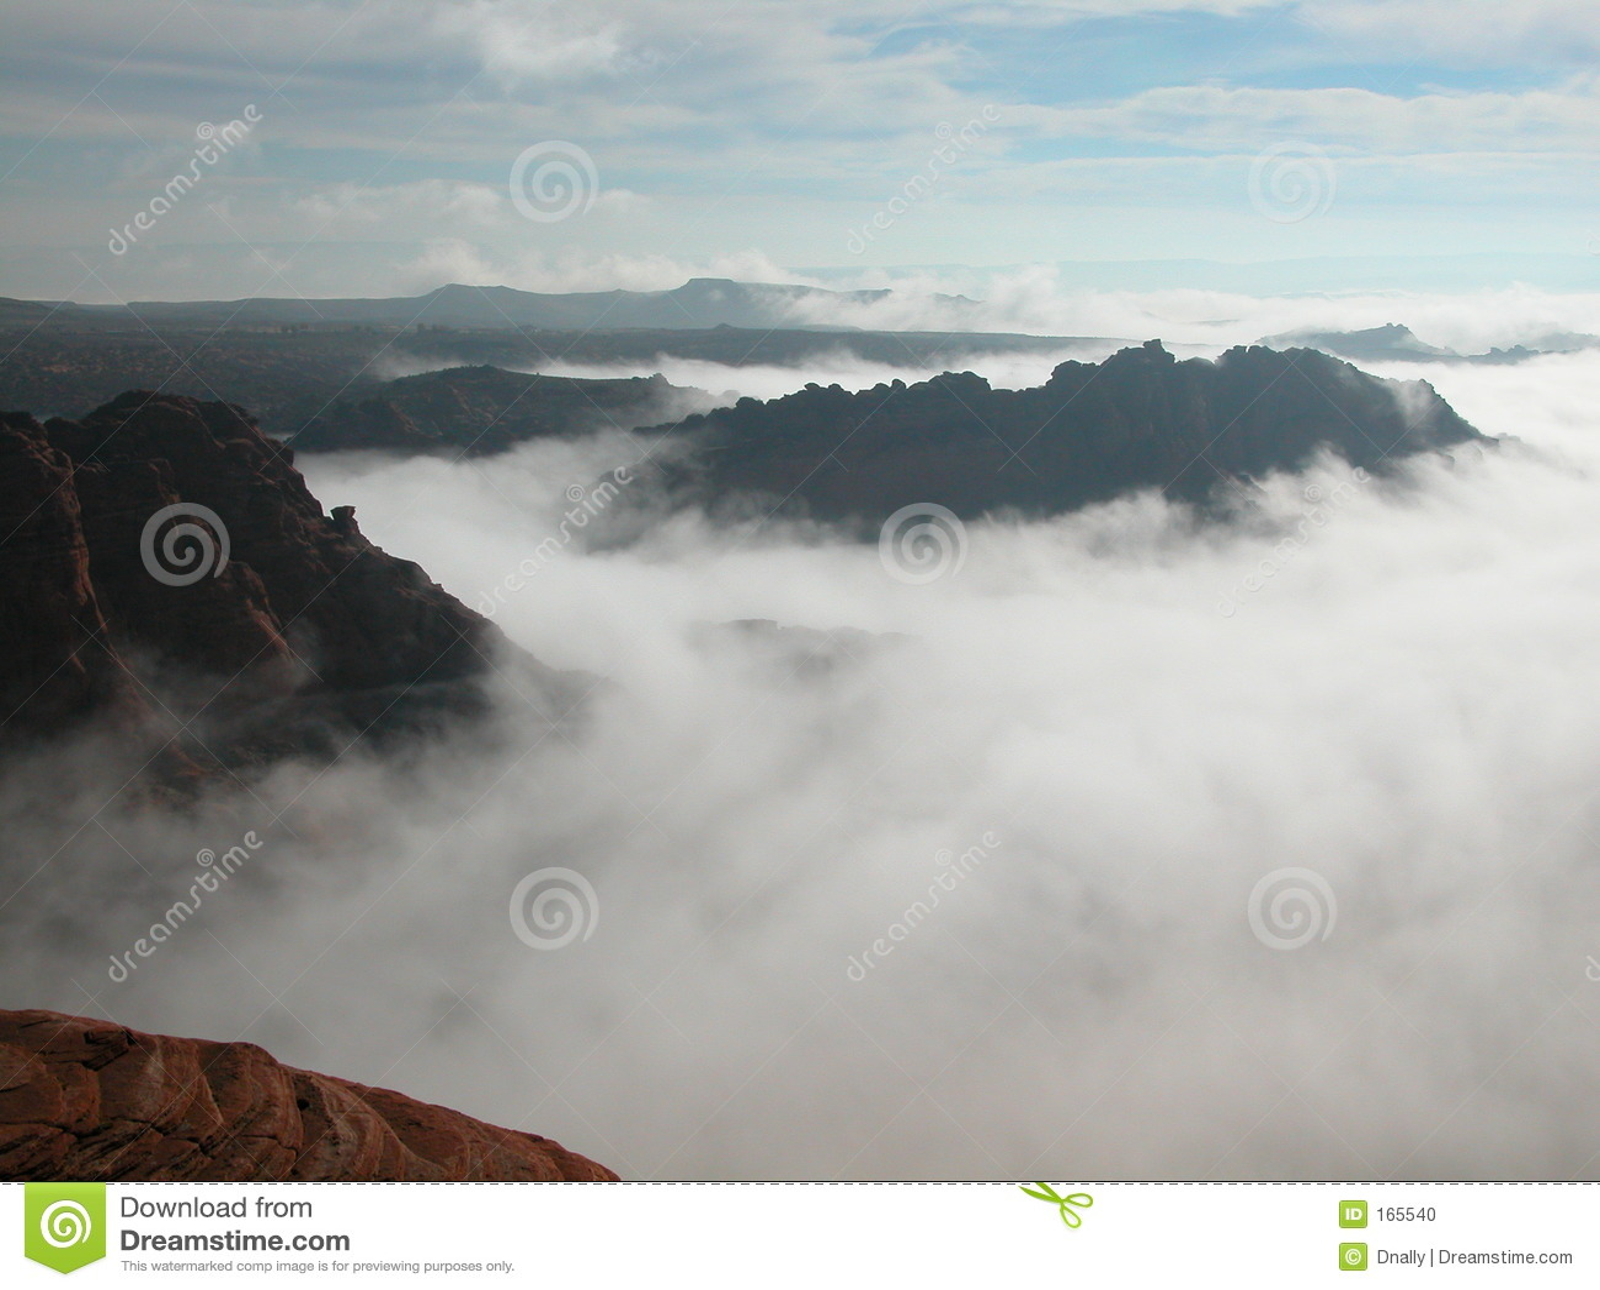 Fog Choking the Red Desert